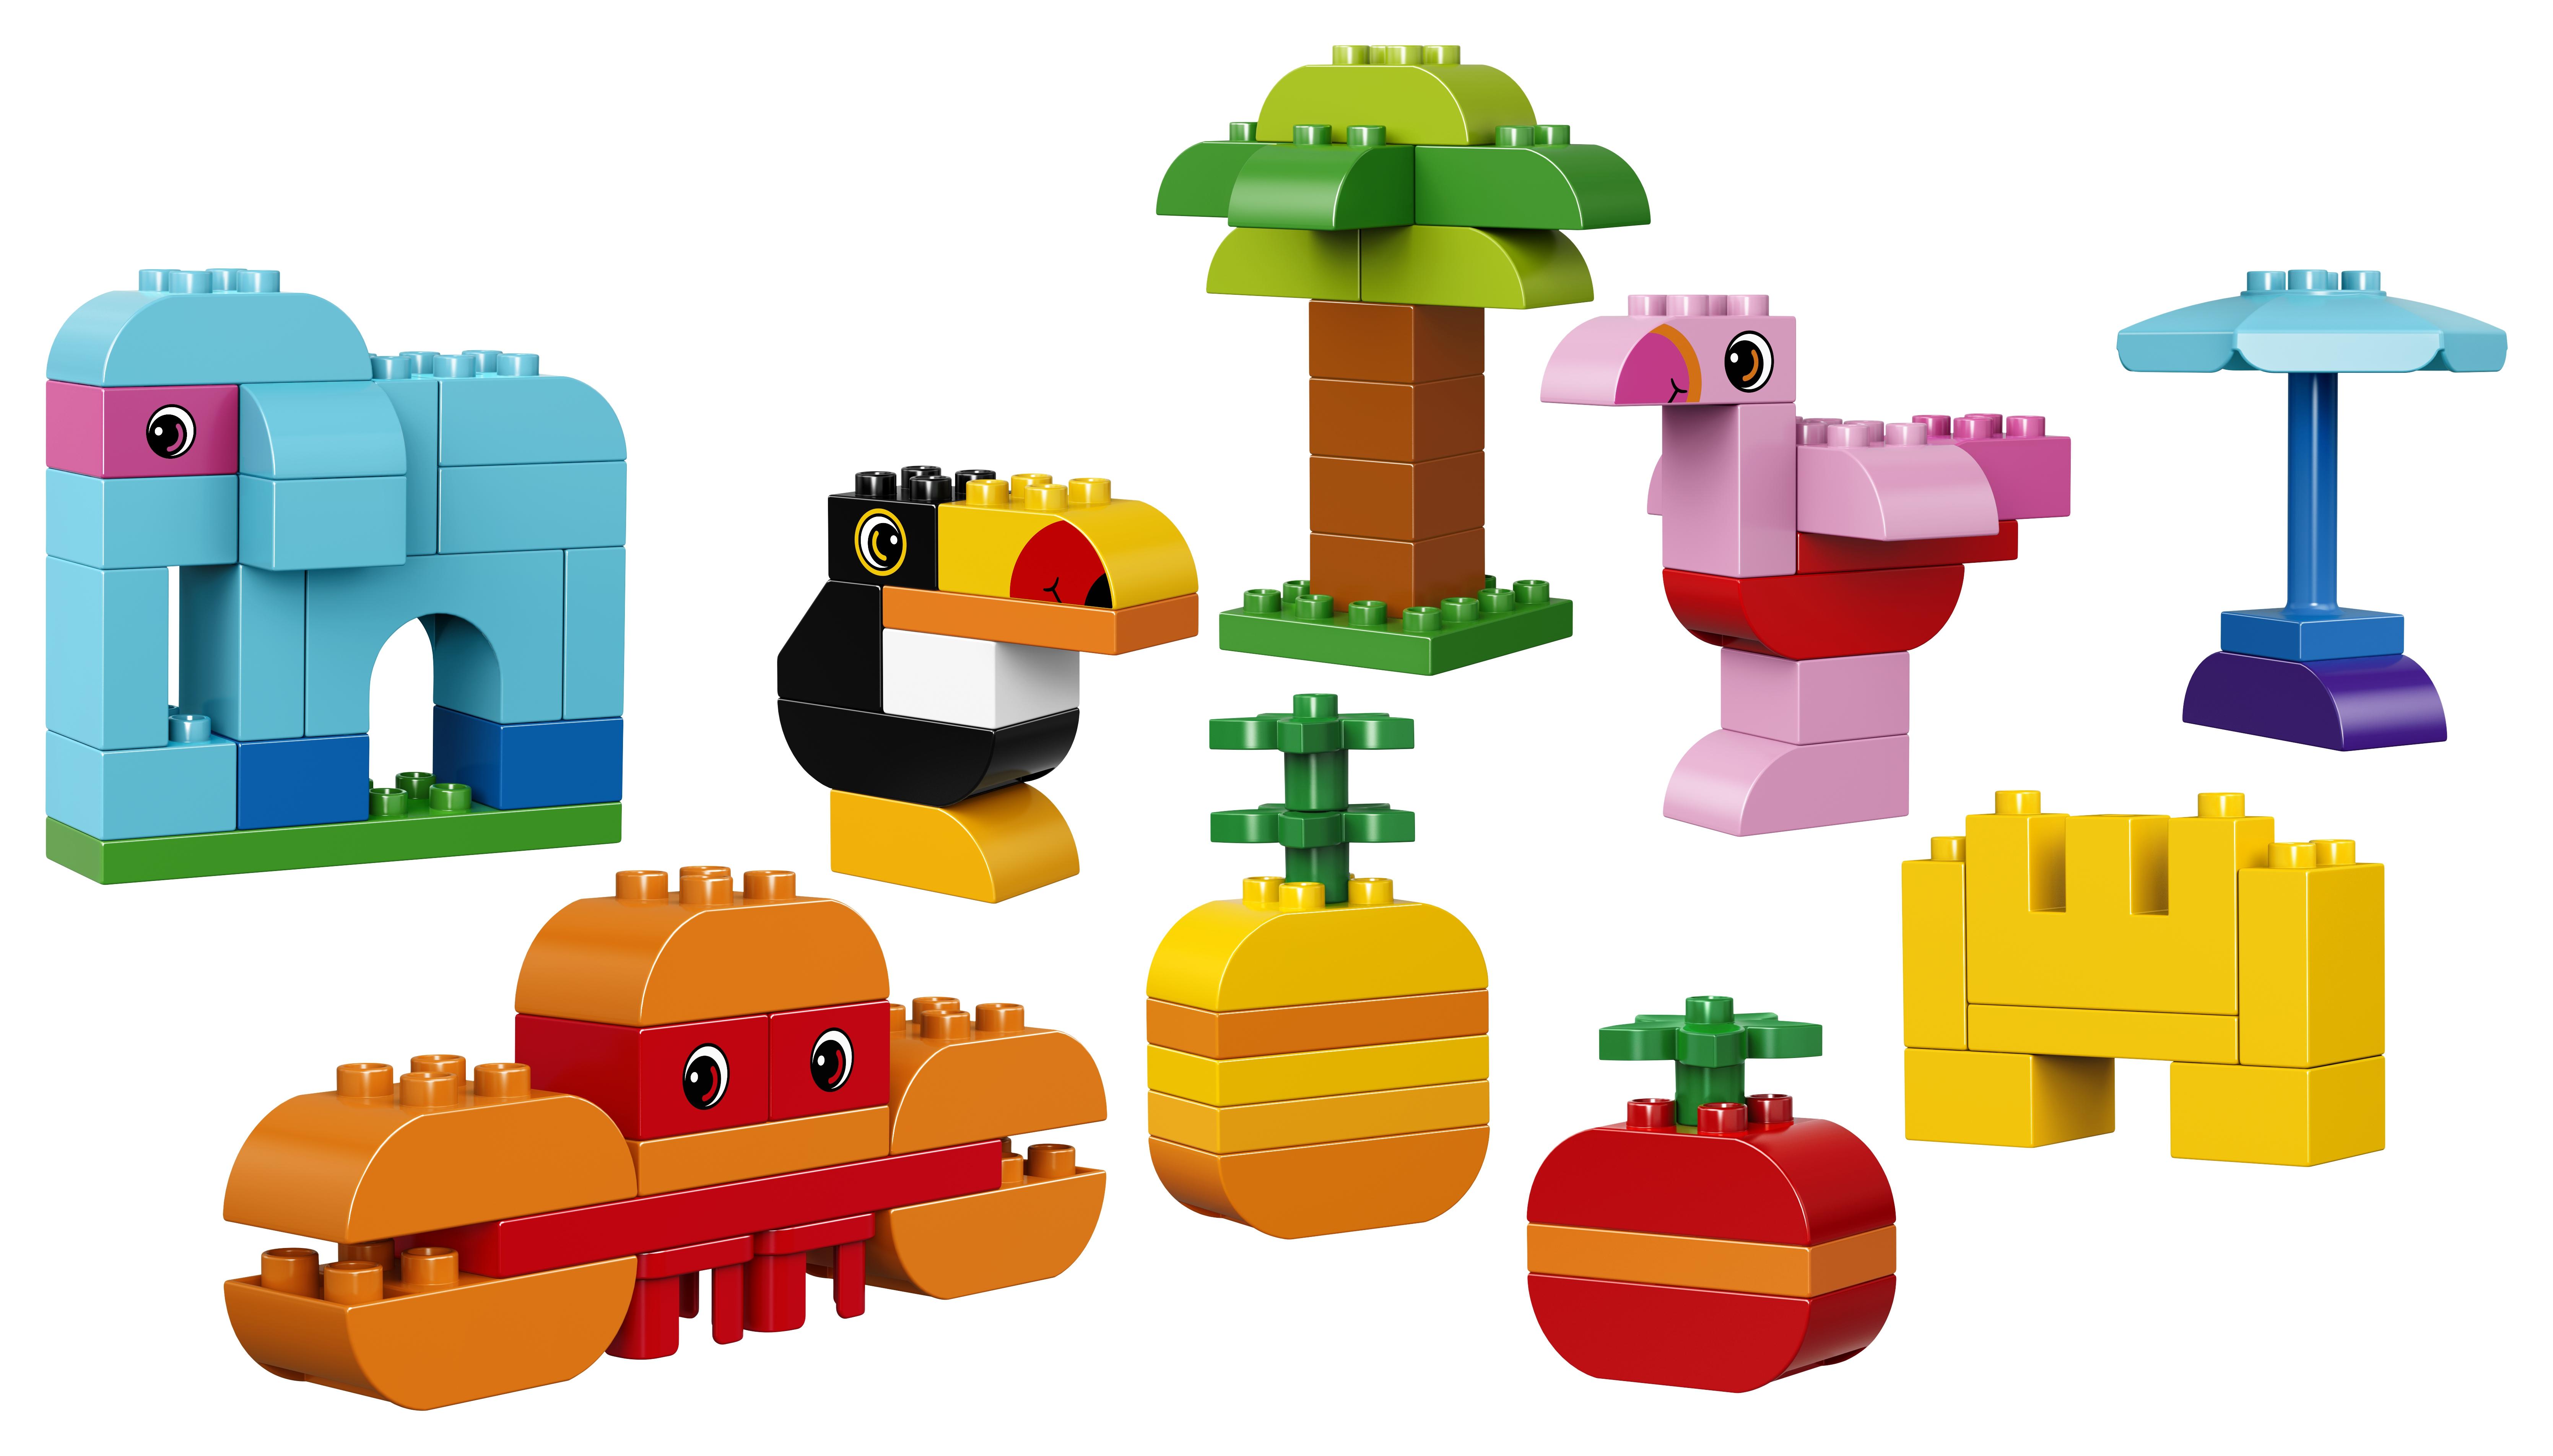 Купить Конструктор, Duplo My First 10853 Набор деталей для творческого конструирования, 1шт., LEGO 10853, Венгрия